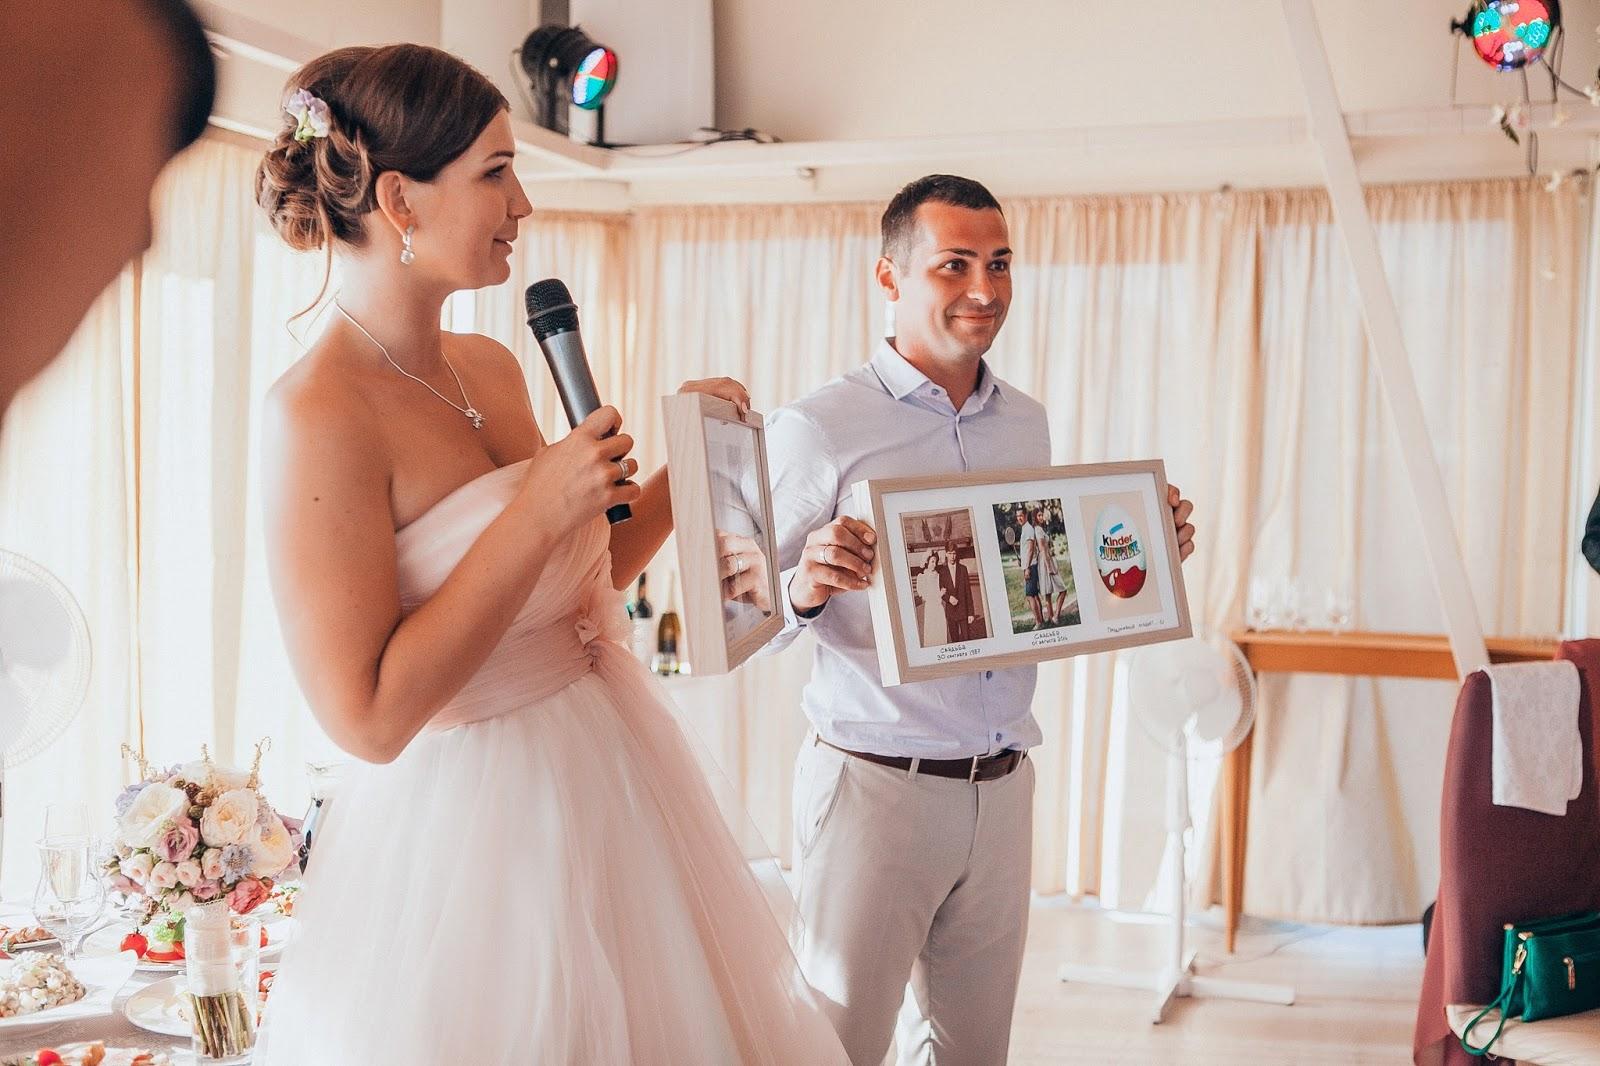 капри будут поздравить жениха и невесту на свадьбе необычно фотографиях